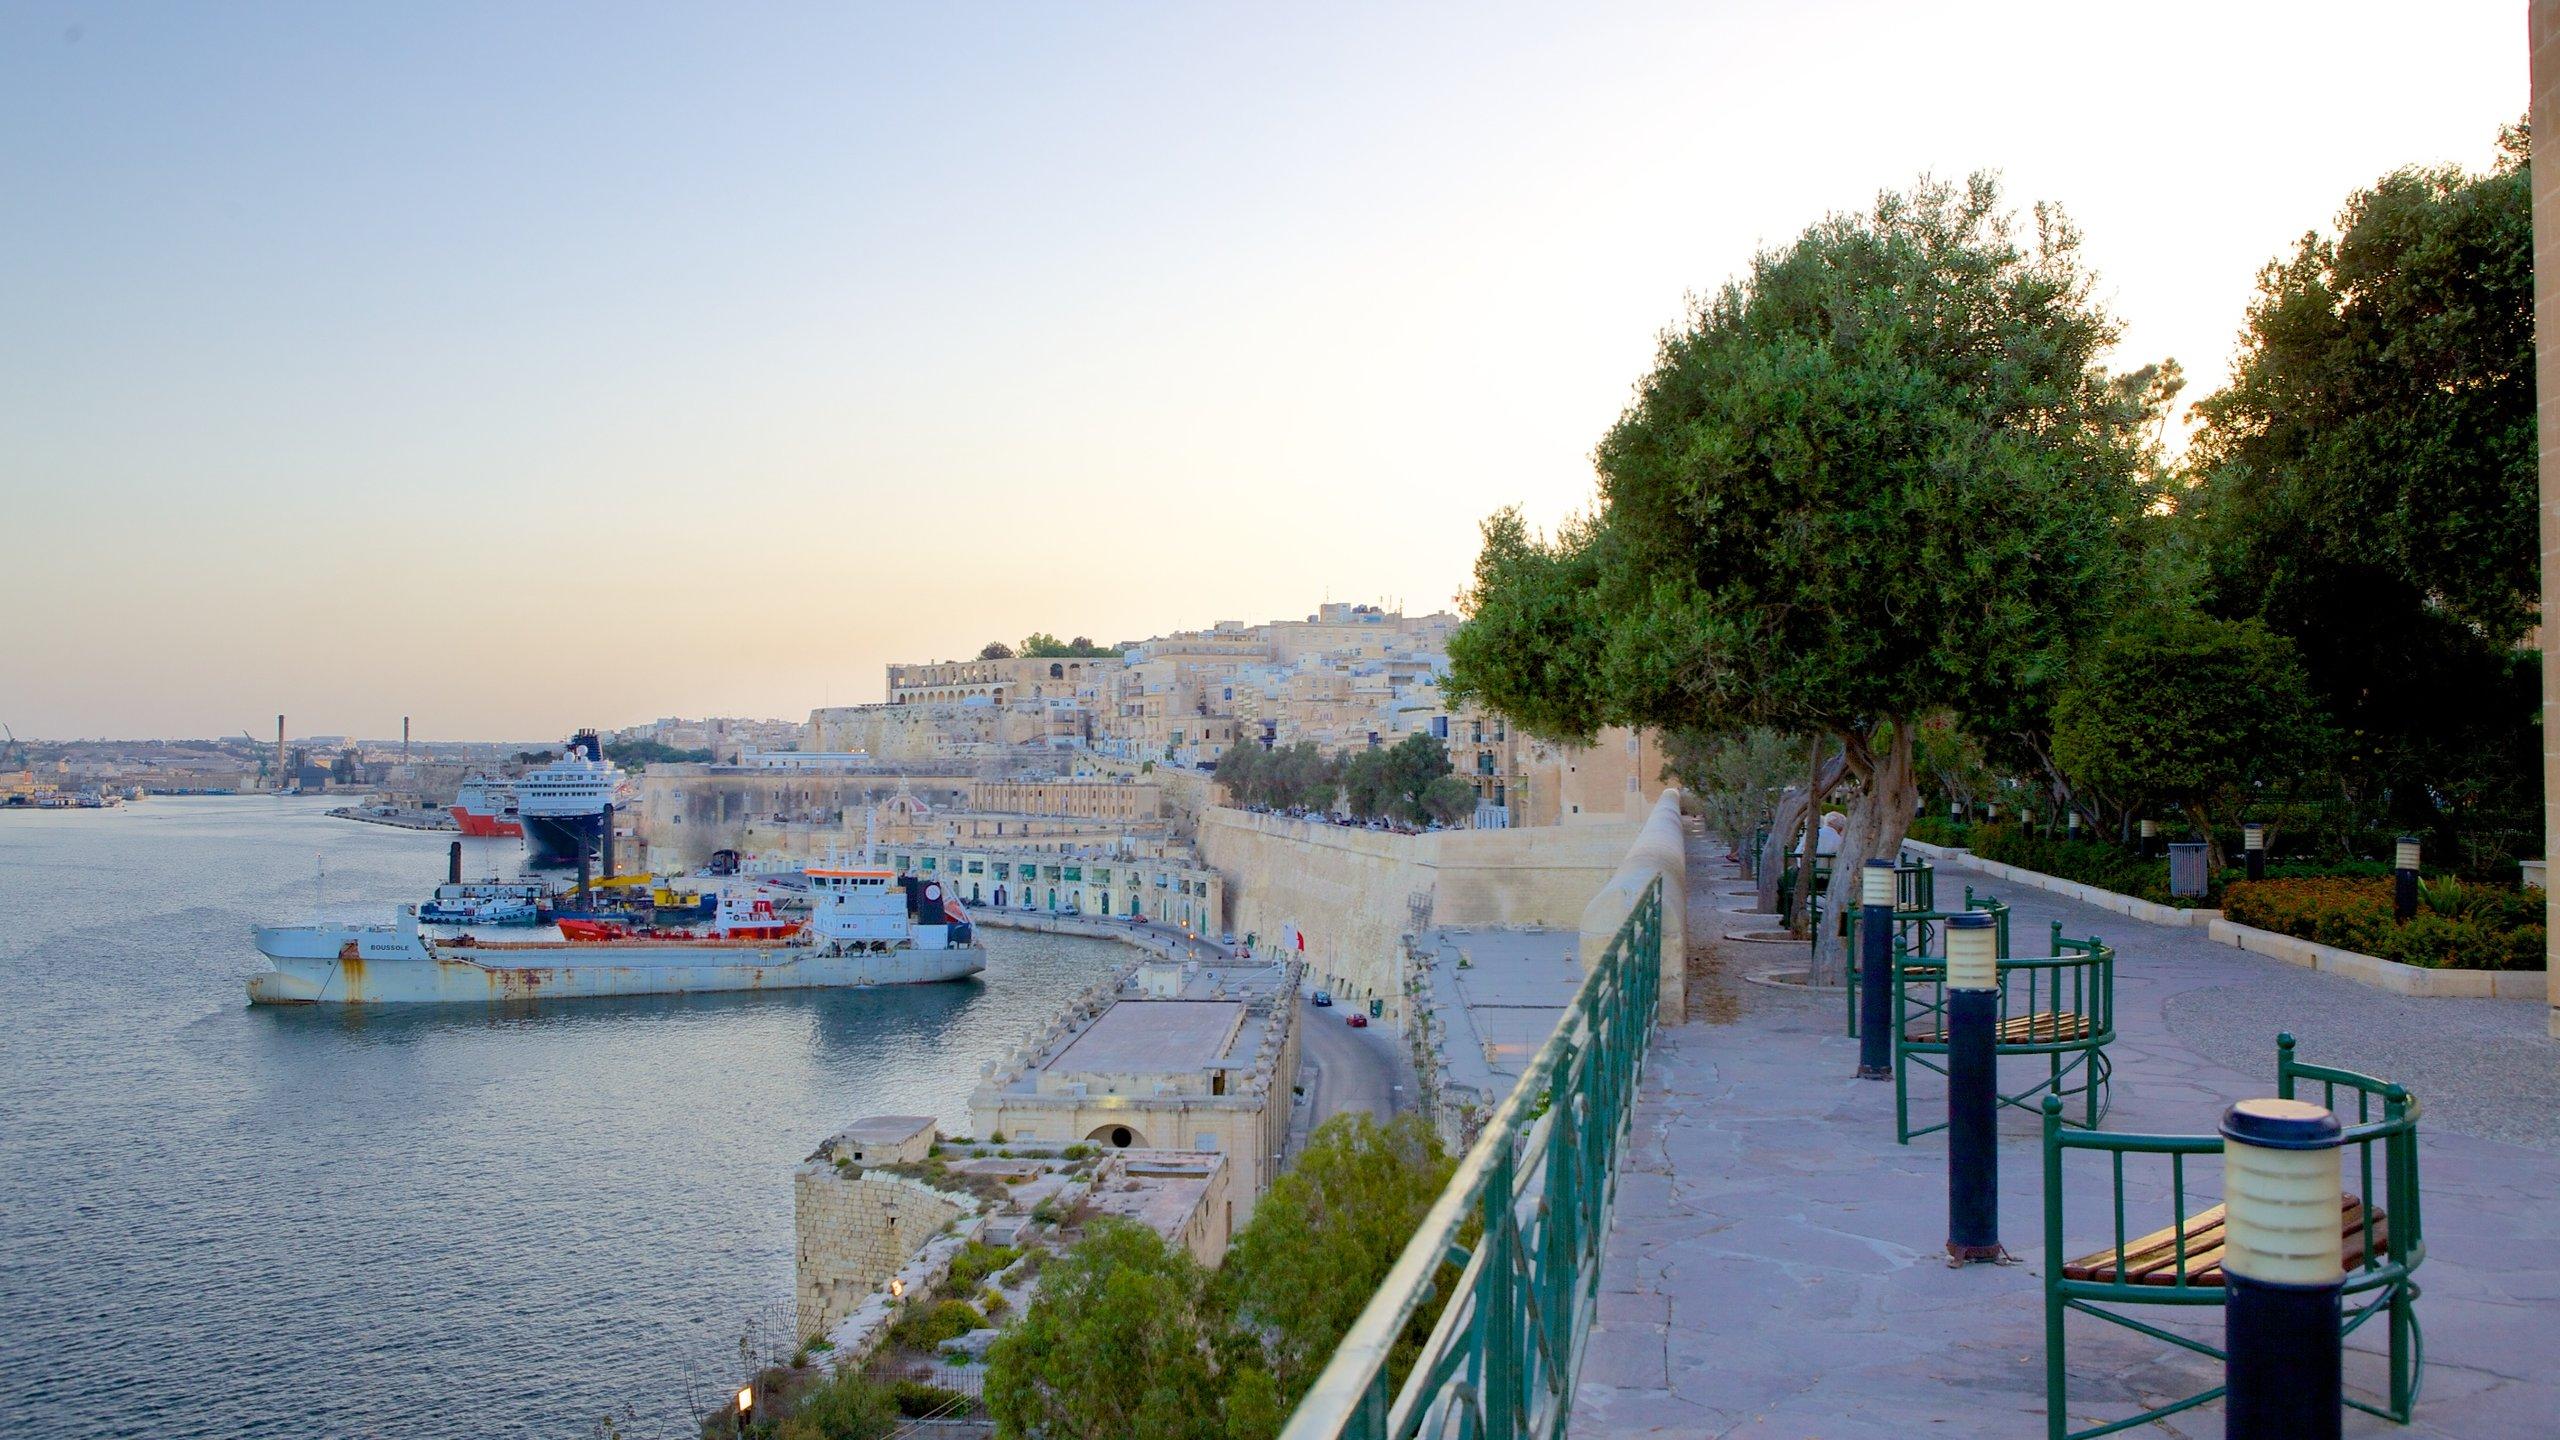 Bereits in der Antike verzückte der Naturhafen Grand Harbour die Menschen mit seinen hohen Klippen, Festungen und Dörfern am Ufer des Mittelmeers.